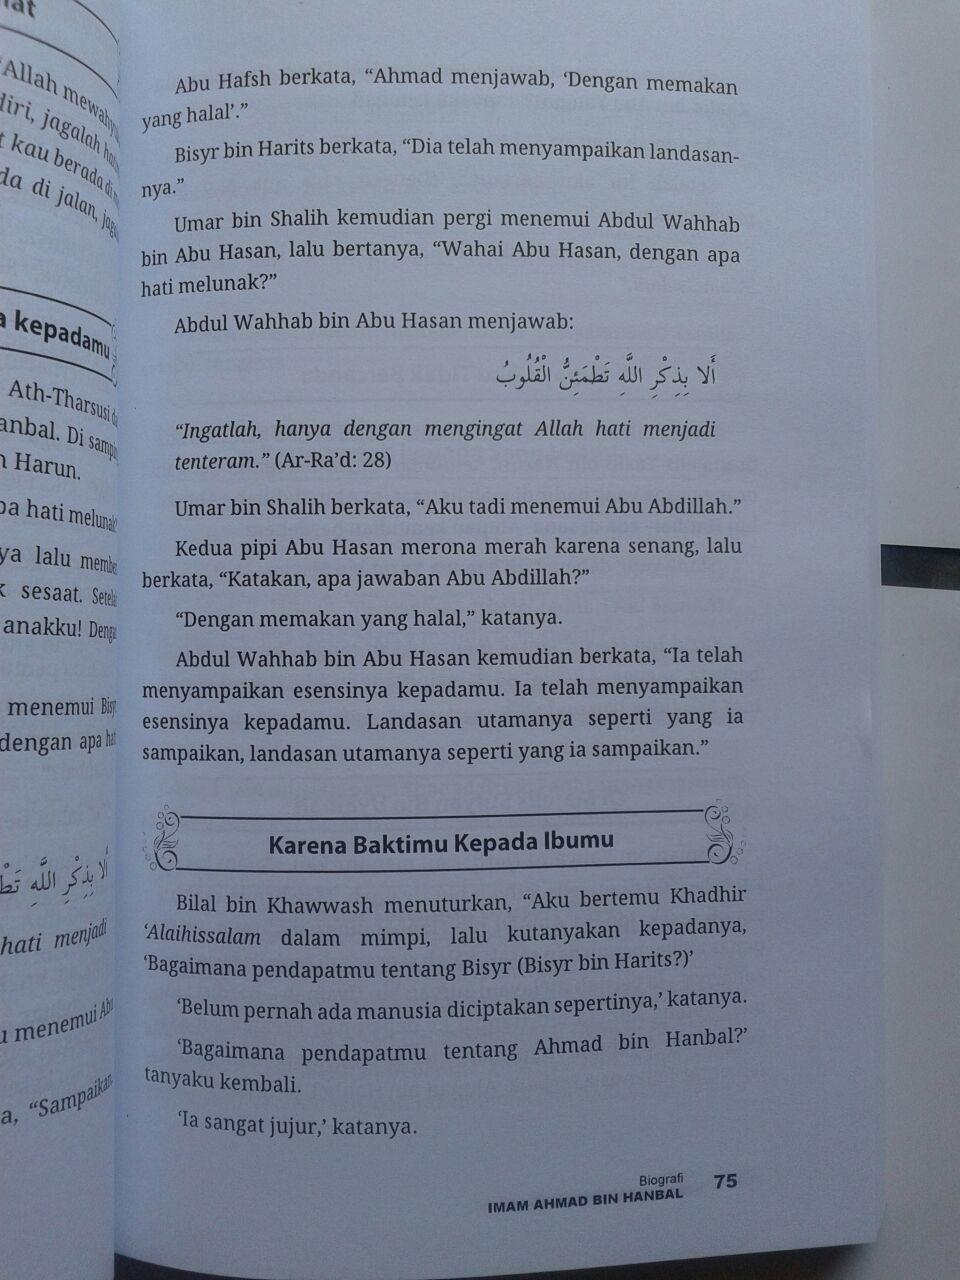 Buku Biografi Imam Ahmad Kehidupan Sikap Dan Pendapatnya isi